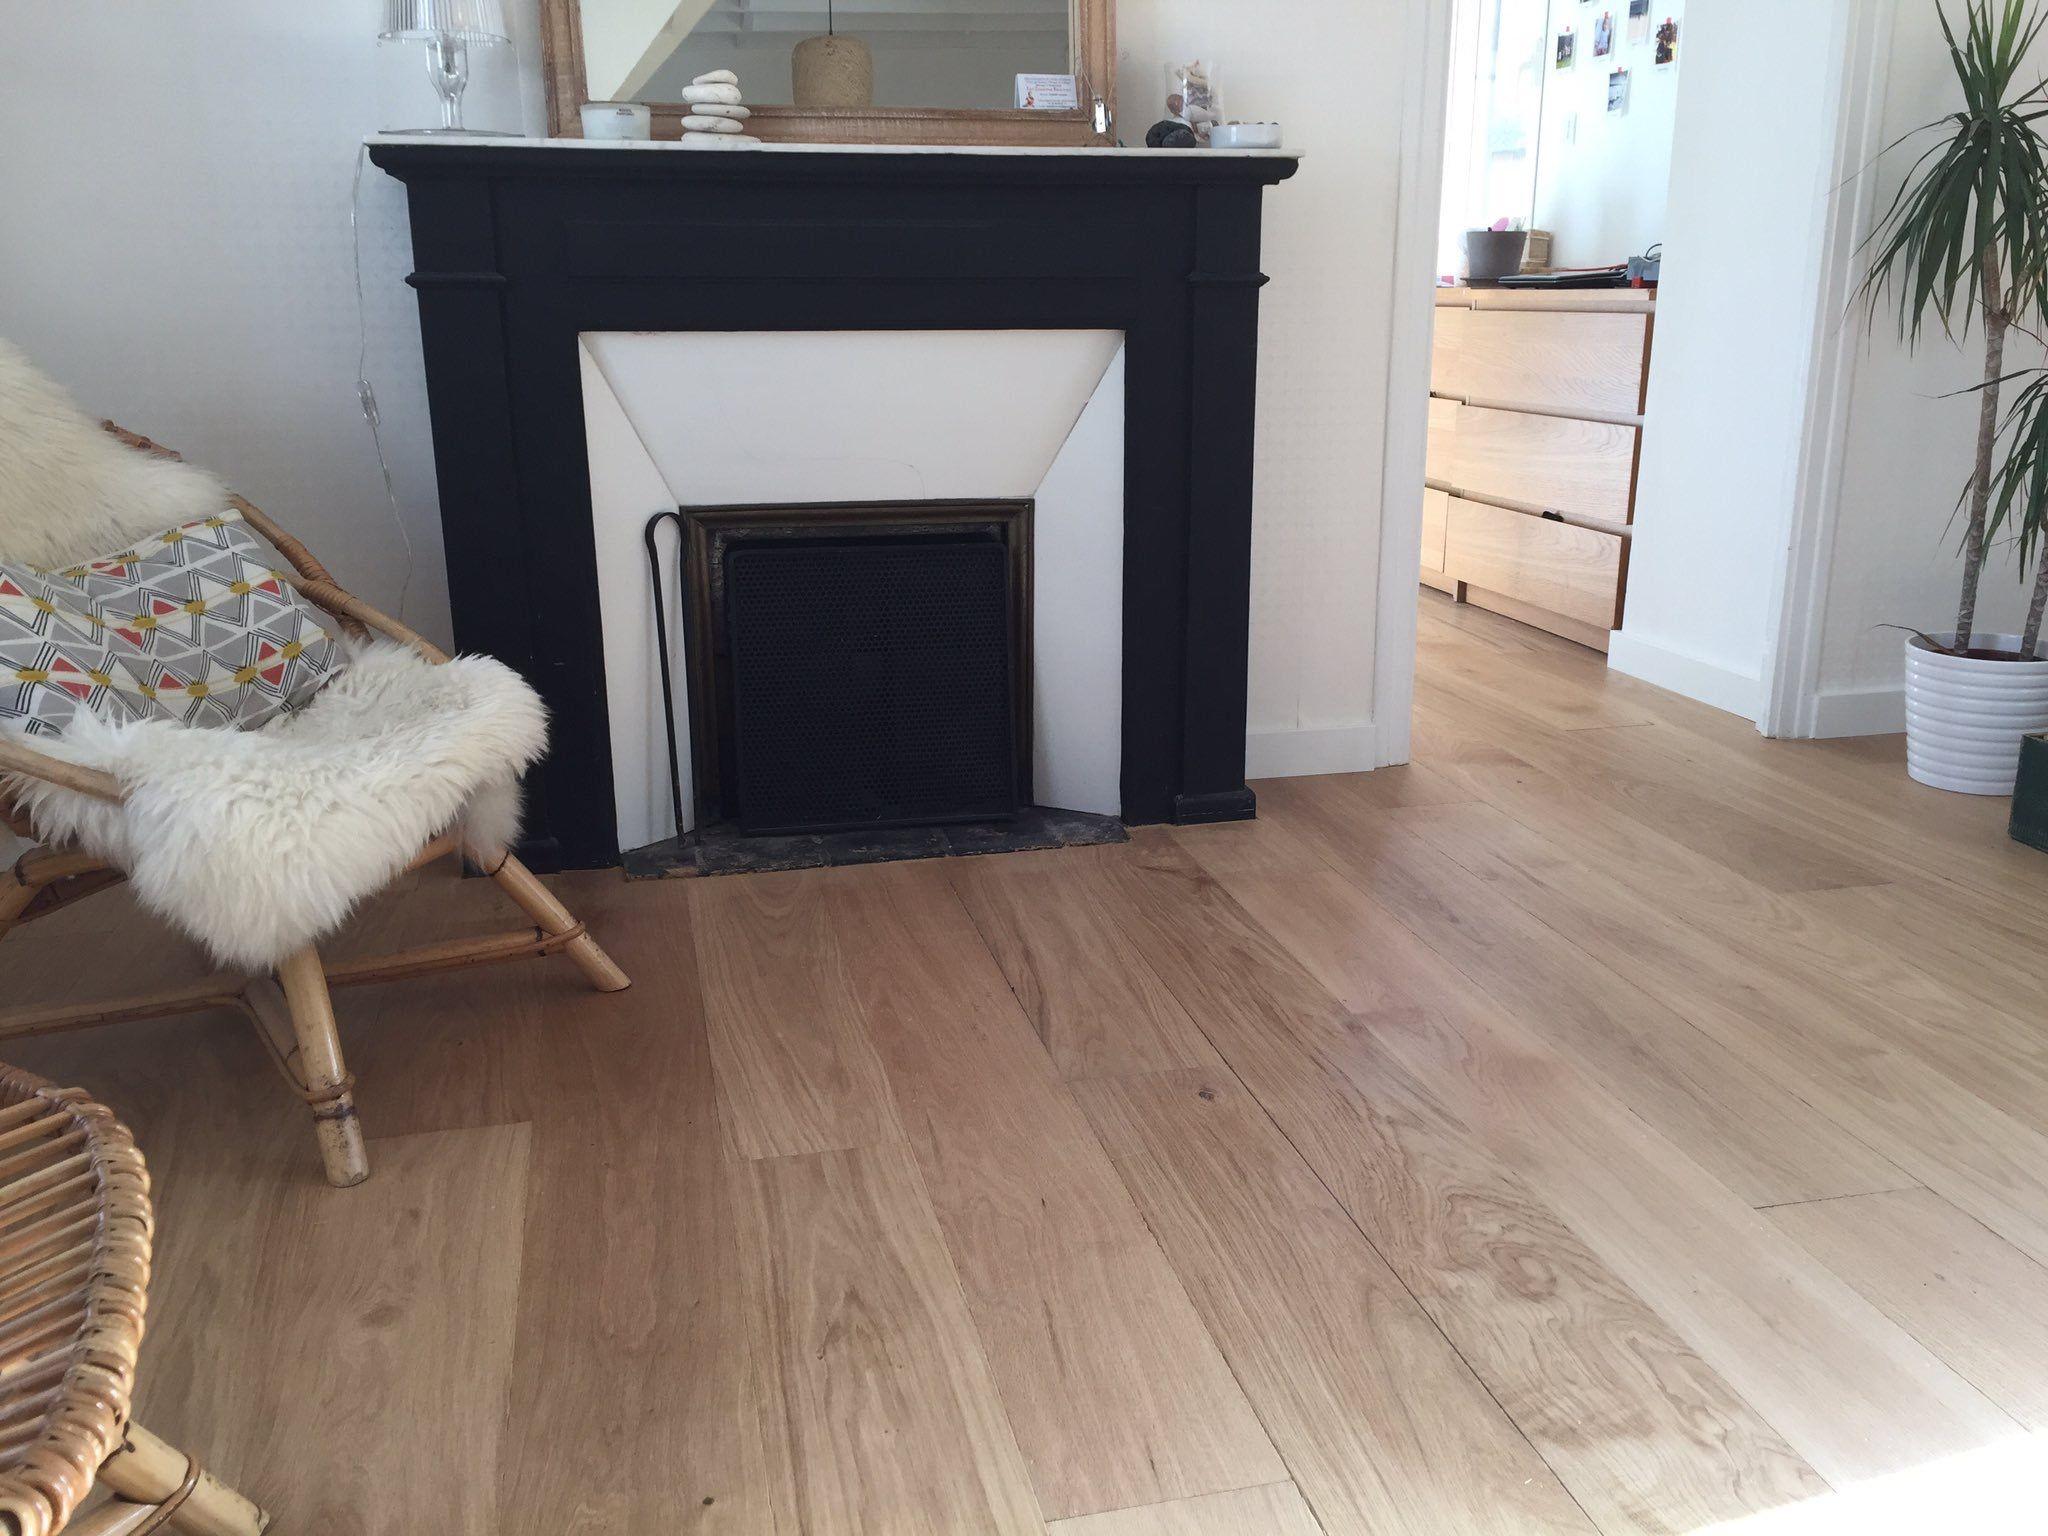 vente pose parquet contrecoll vieilli di legno classico capri abacasalome routedumeuble. Black Bedroom Furniture Sets. Home Design Ideas